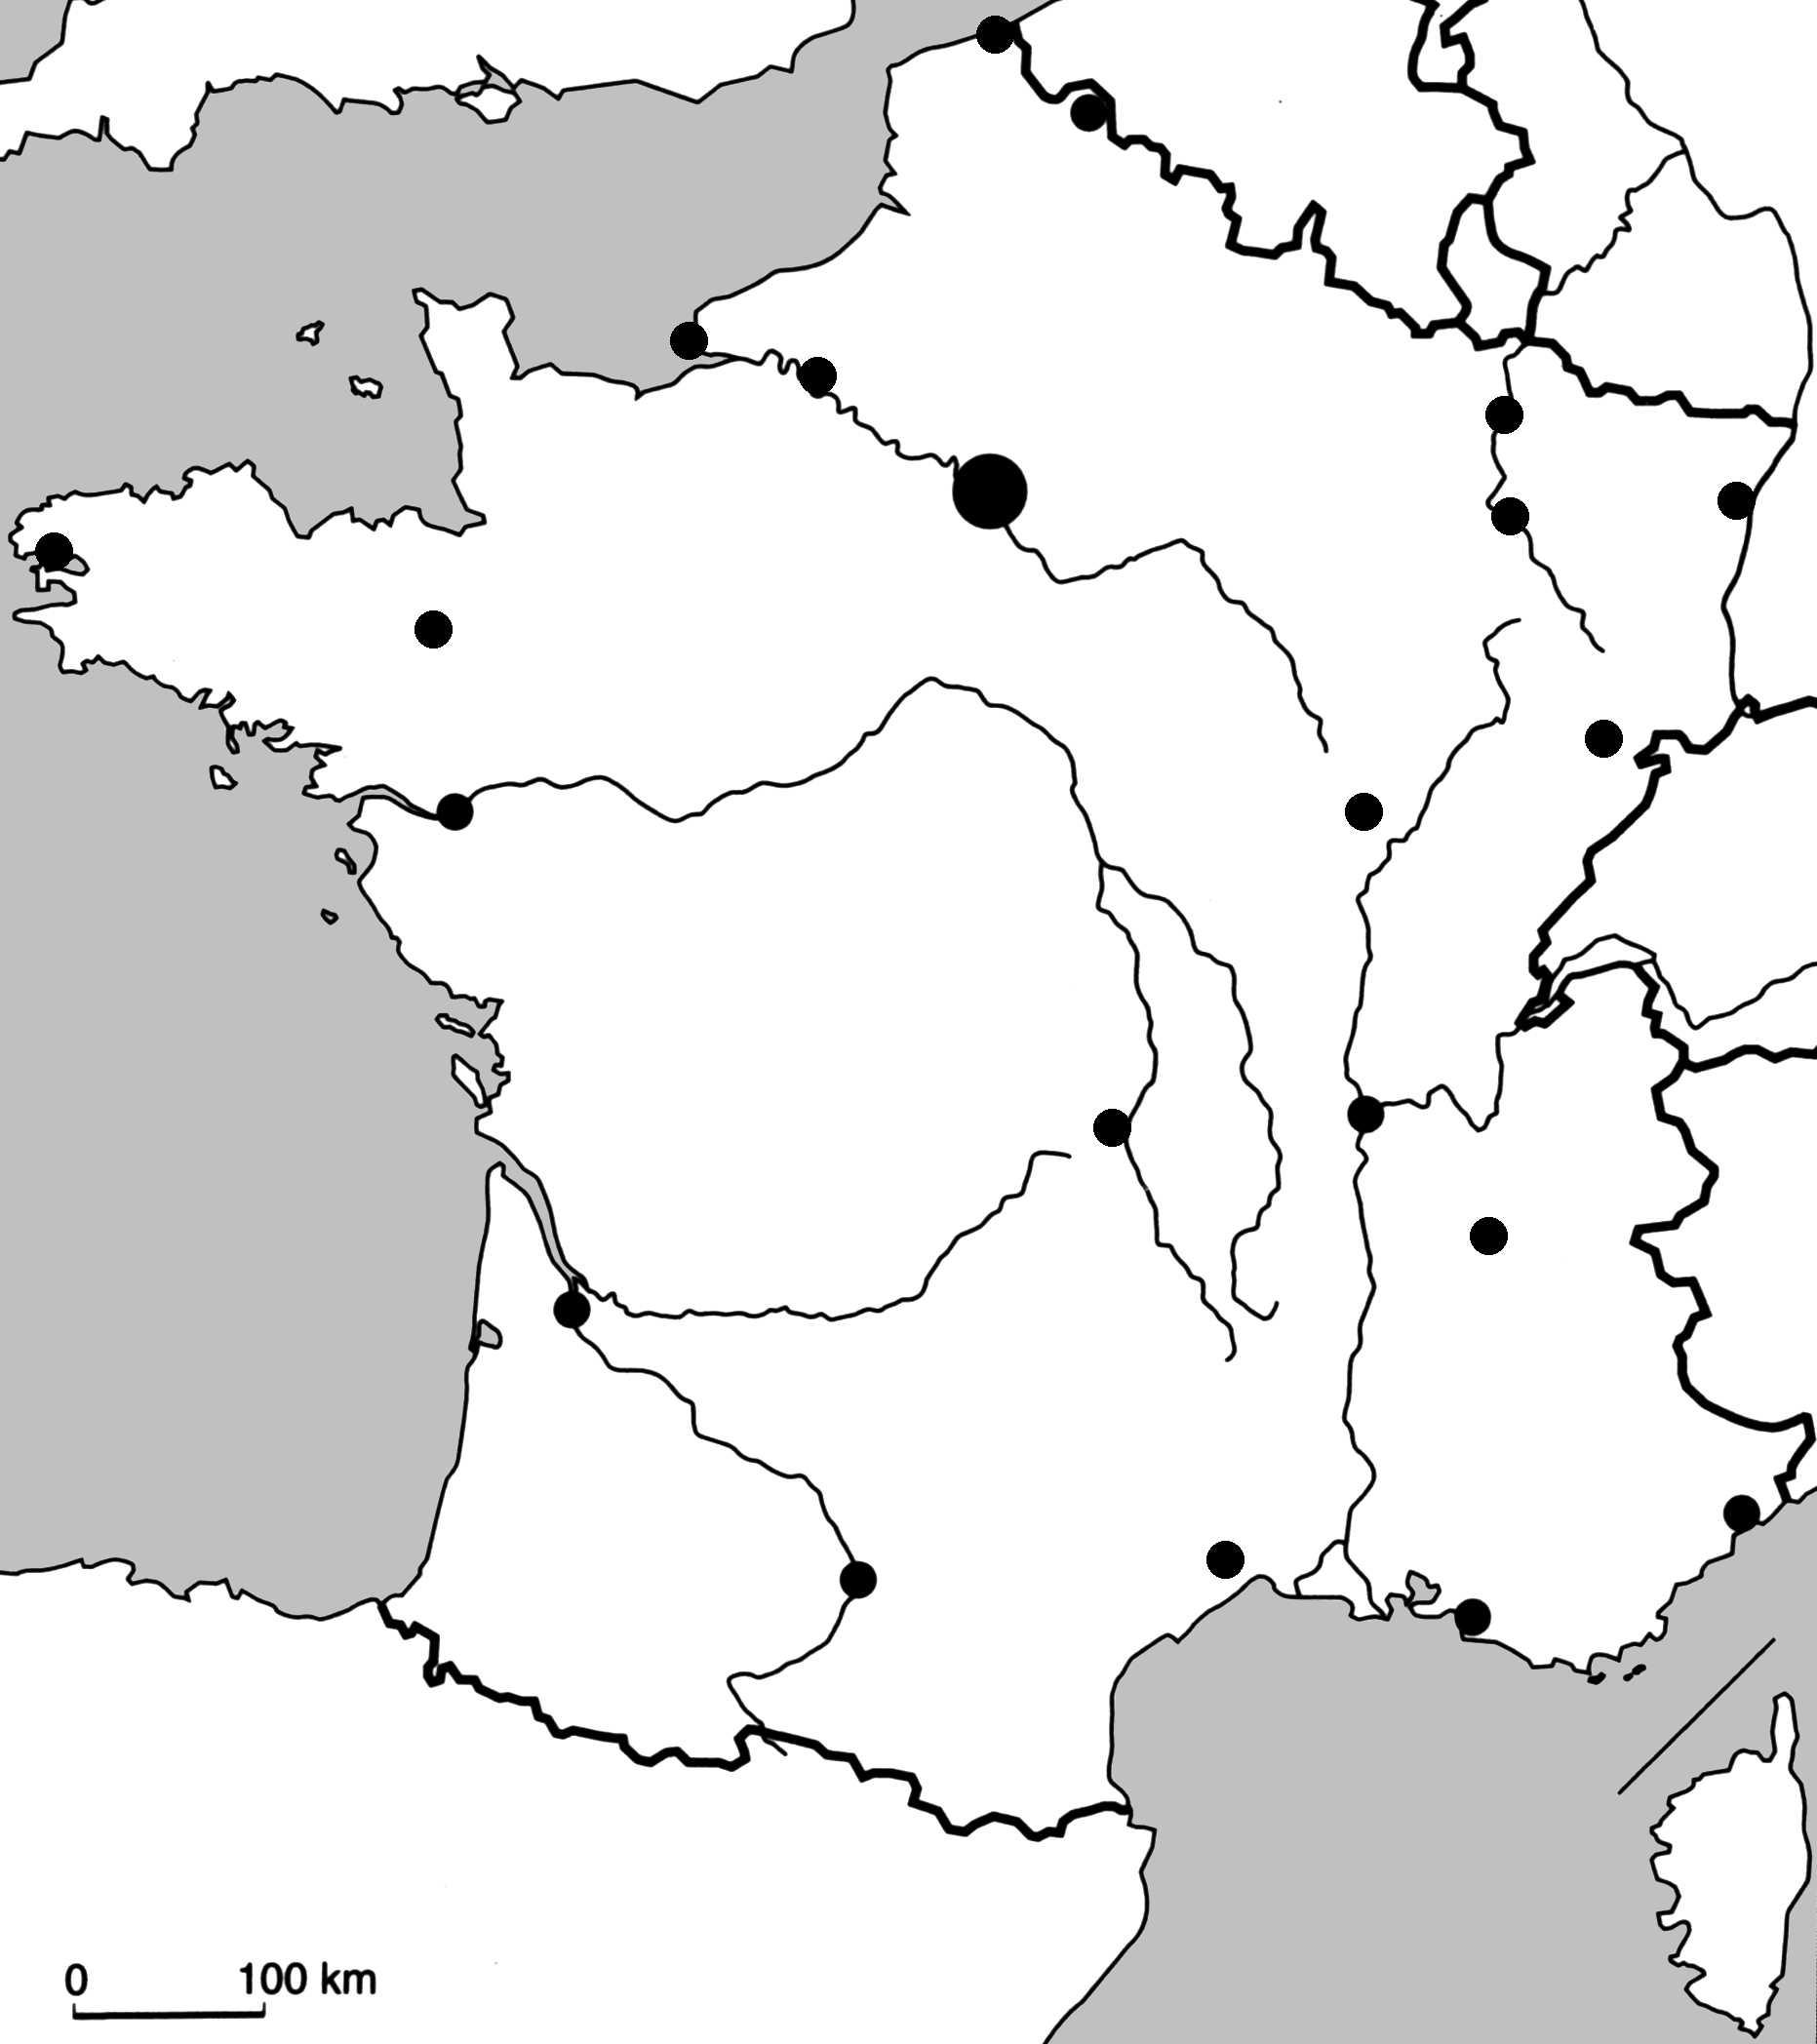 Carte De France Vierge À Compléter En Ligne | My Blog tout Carte De France A Imprimer